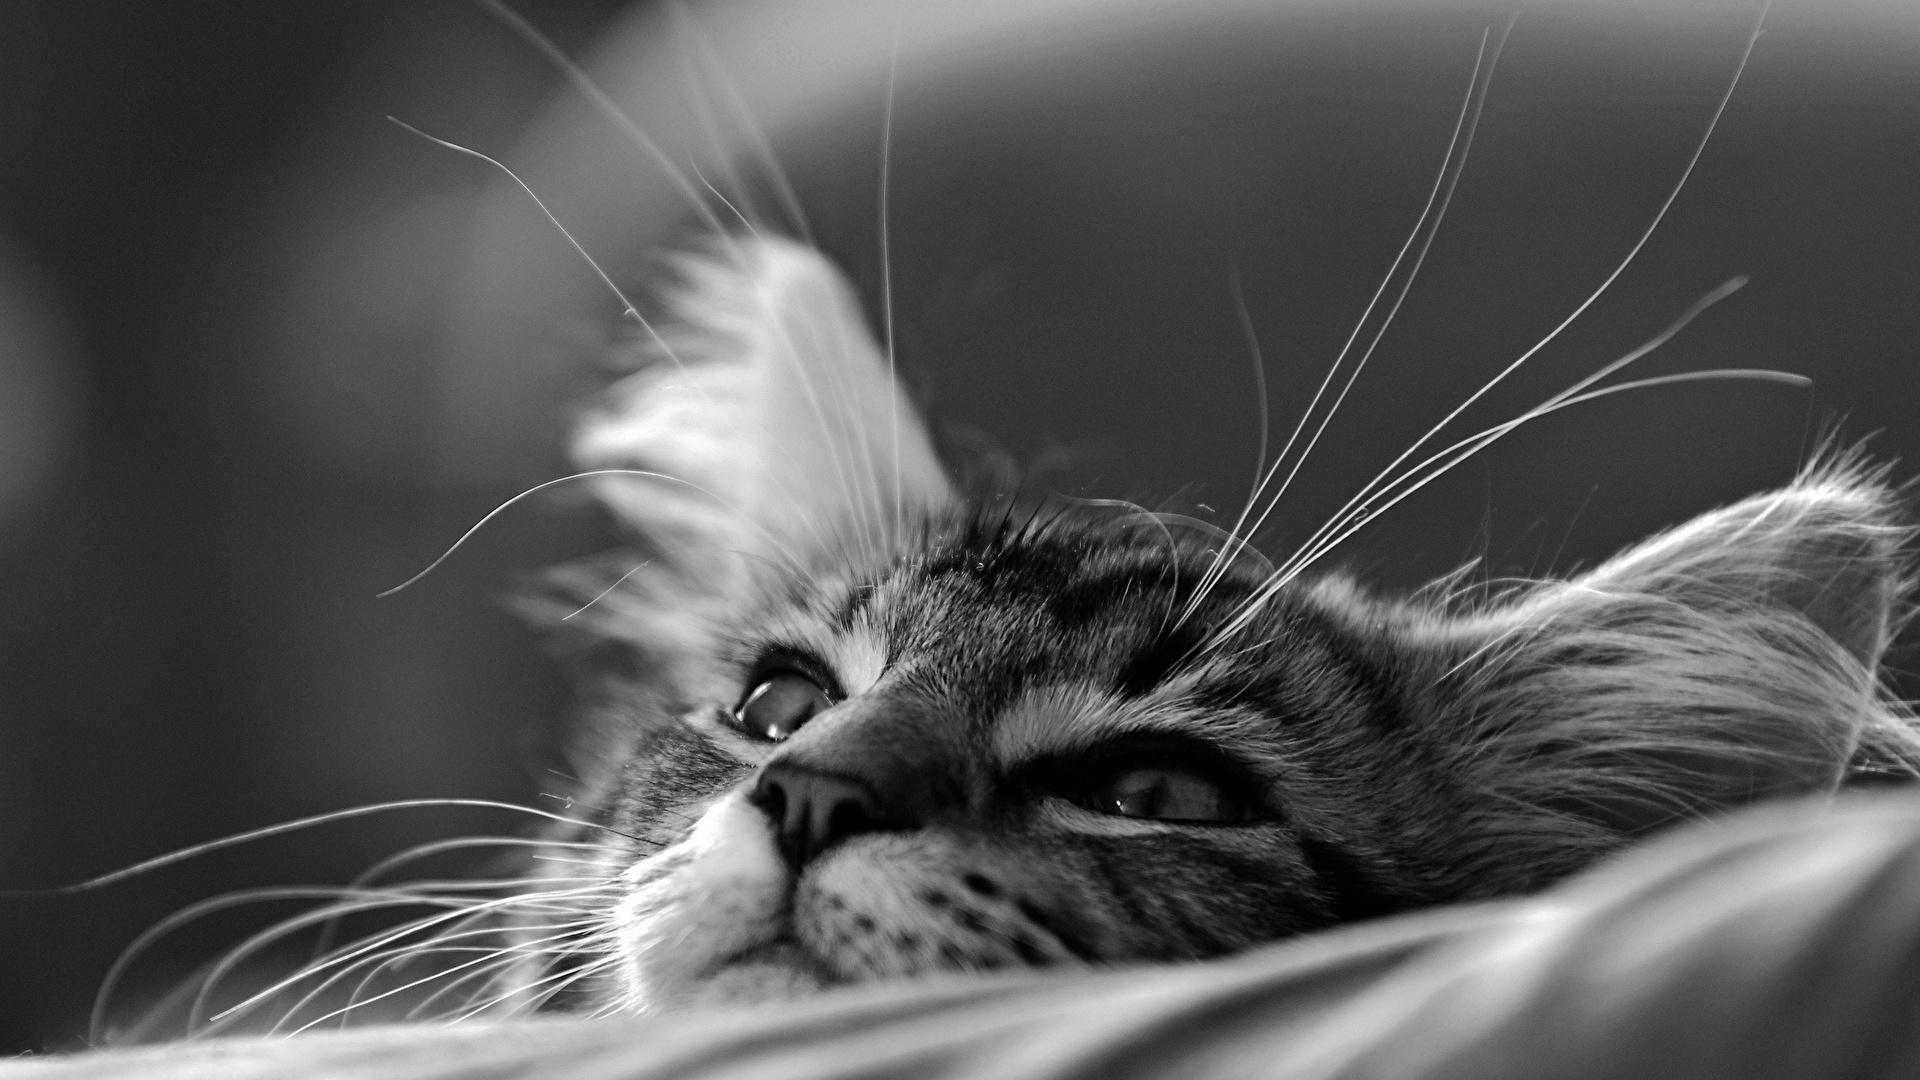 壁紙 19x1080 飼い猫 クローズアップ 子猫 白黒 の洞毛 動物のスナウト 動物 ダウンロード 写真